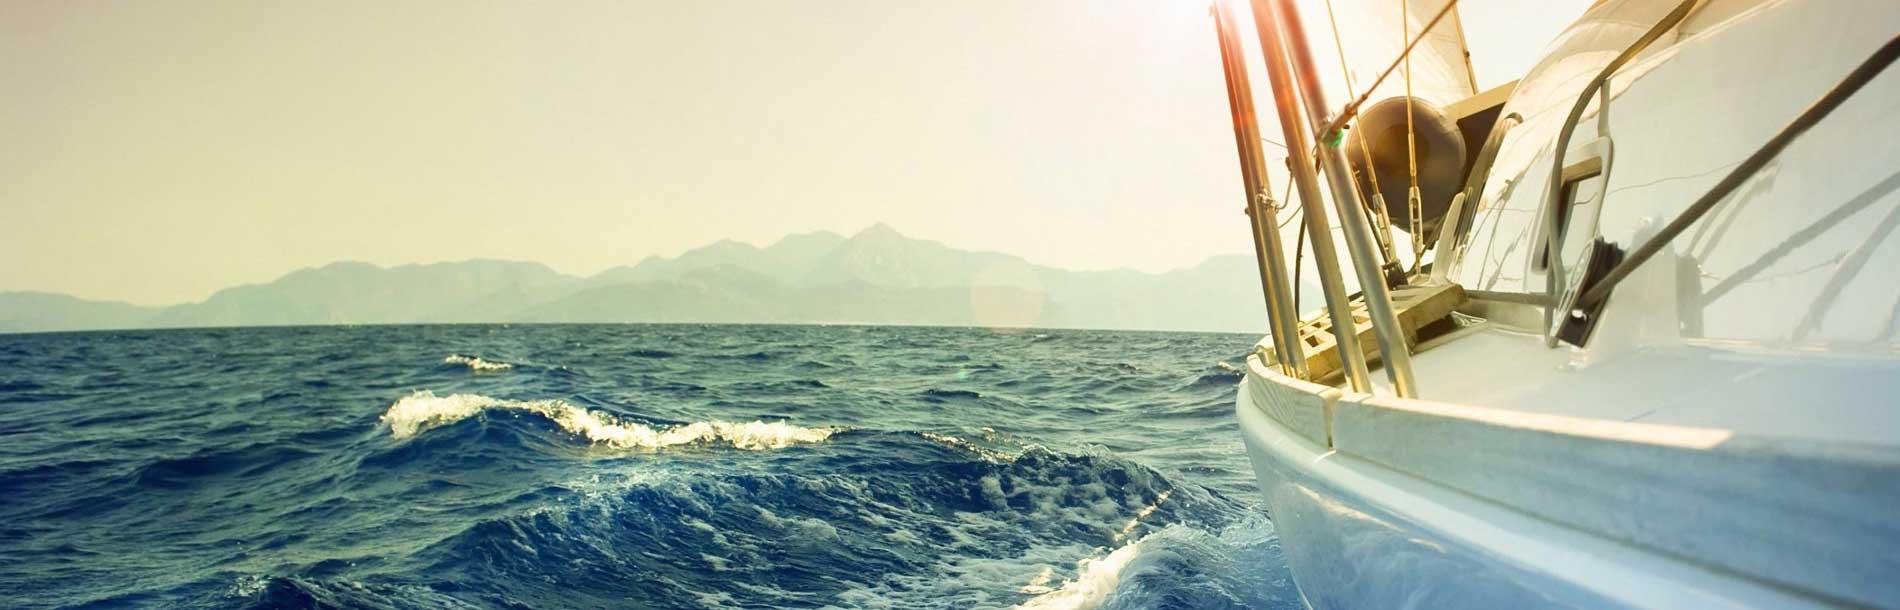 Destinazione baleari crociera toscana minorca marmaglia for Cabine dell isola di buggs